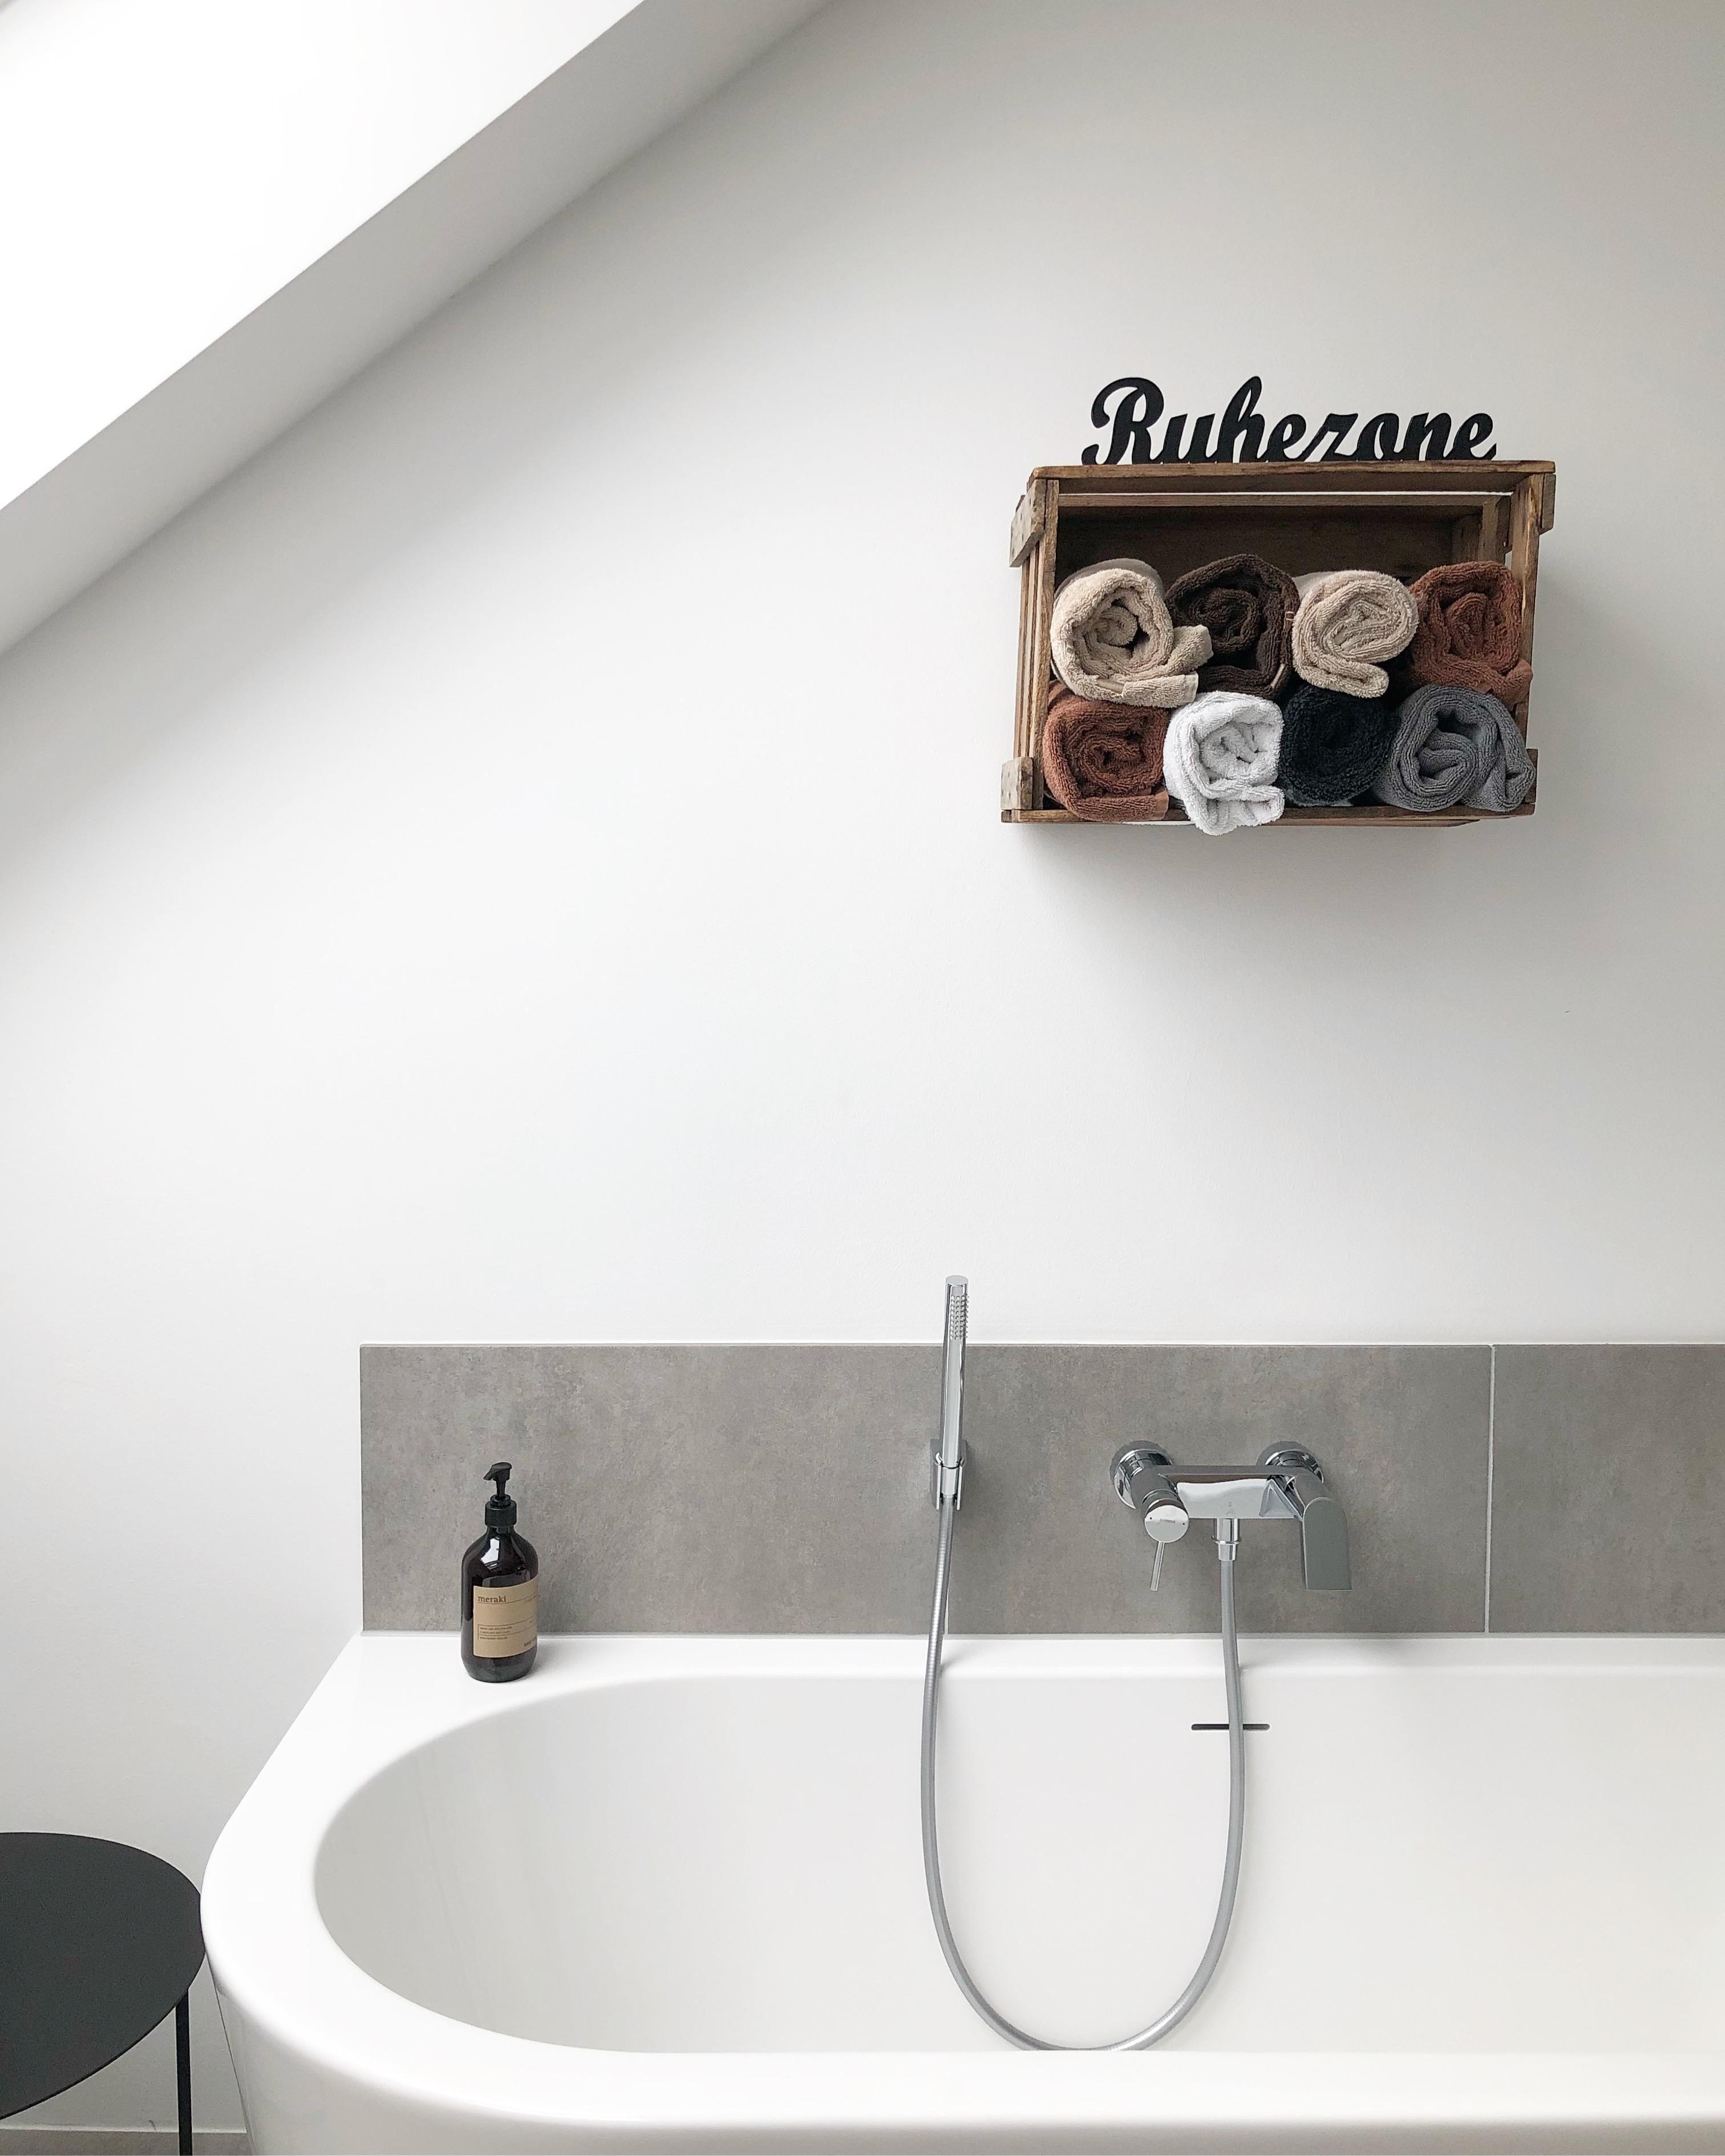 Auszeit ♡ #badewanne #wanne #badezimmer #ruhezone #dachschräge #holzkiste